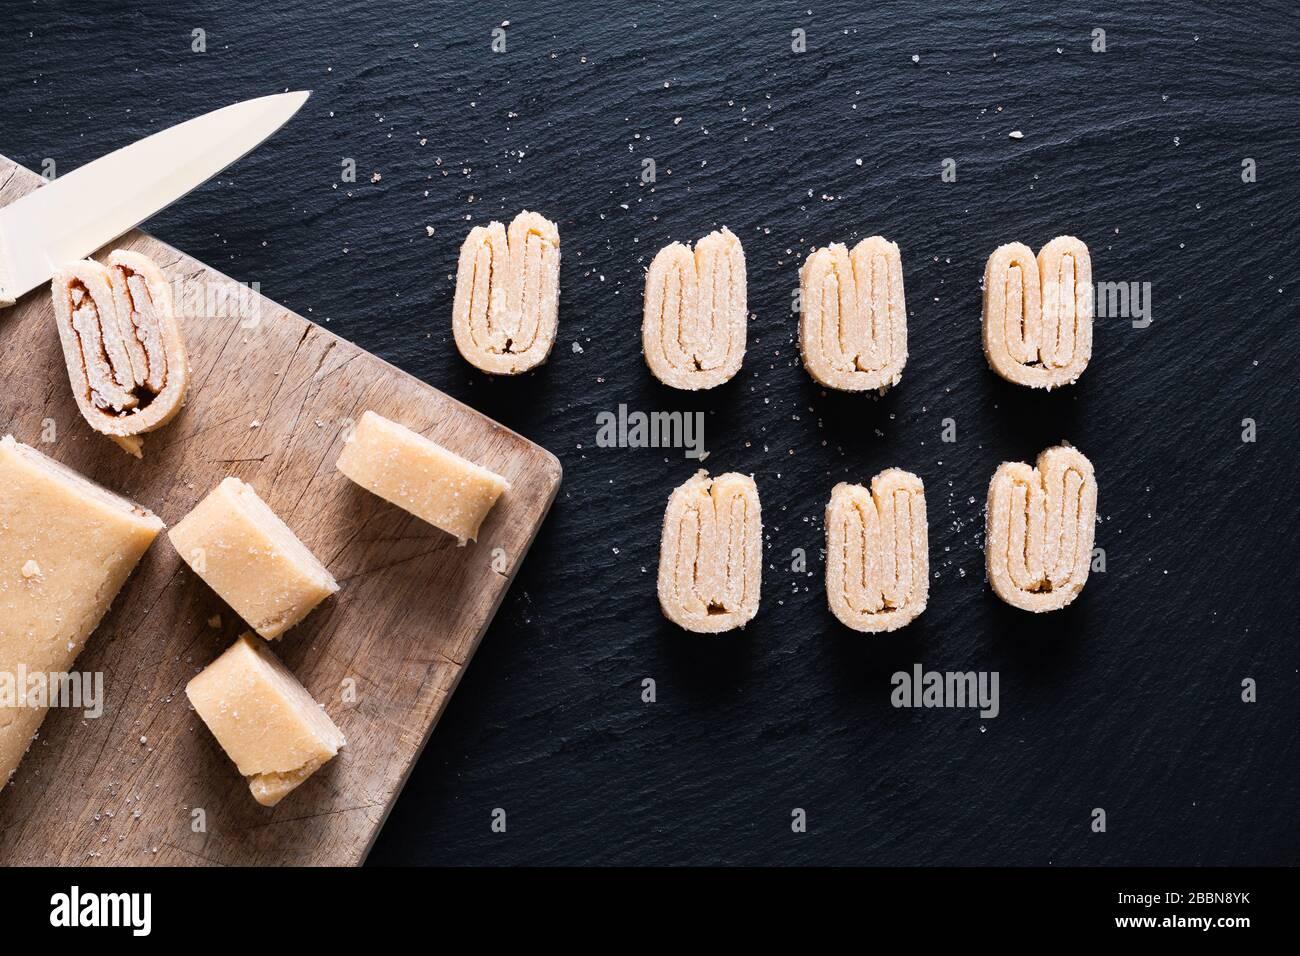 Concept alimentaire pâte feuilletée bio maison pour les palmiers français, les pâtisseries chinoises aux papillons ou les oreilles d'éléphant sur tableau noir en ardoise Banque D'Images